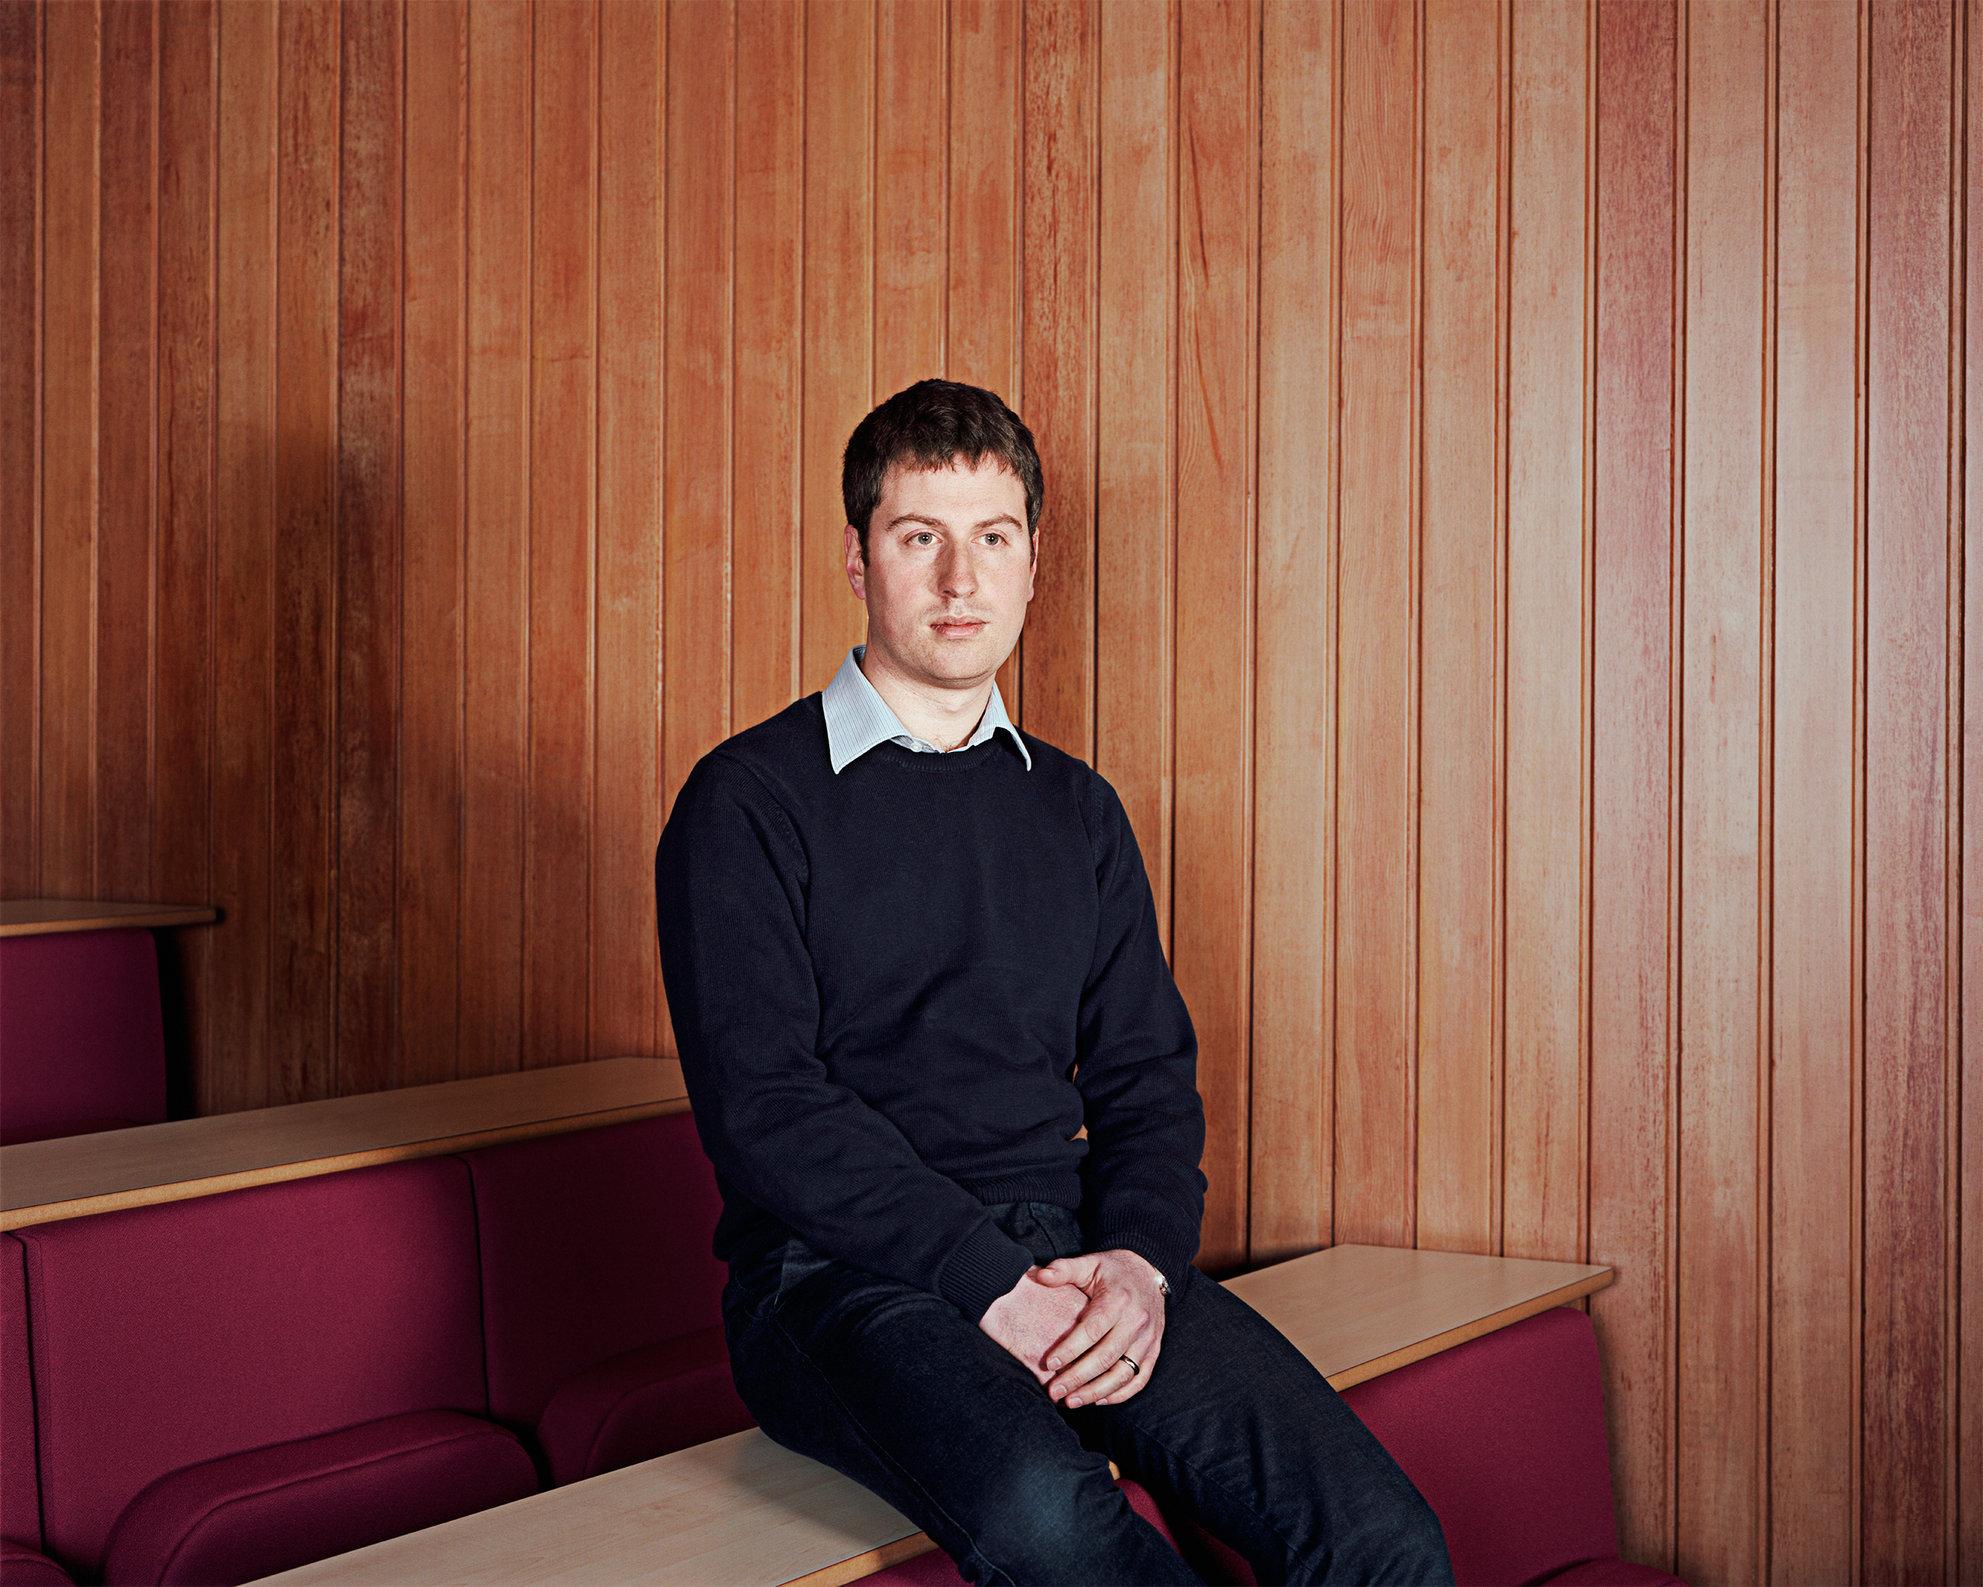 Dr. James Rubin, (35) Department of Psychological Medicine, King's College London.